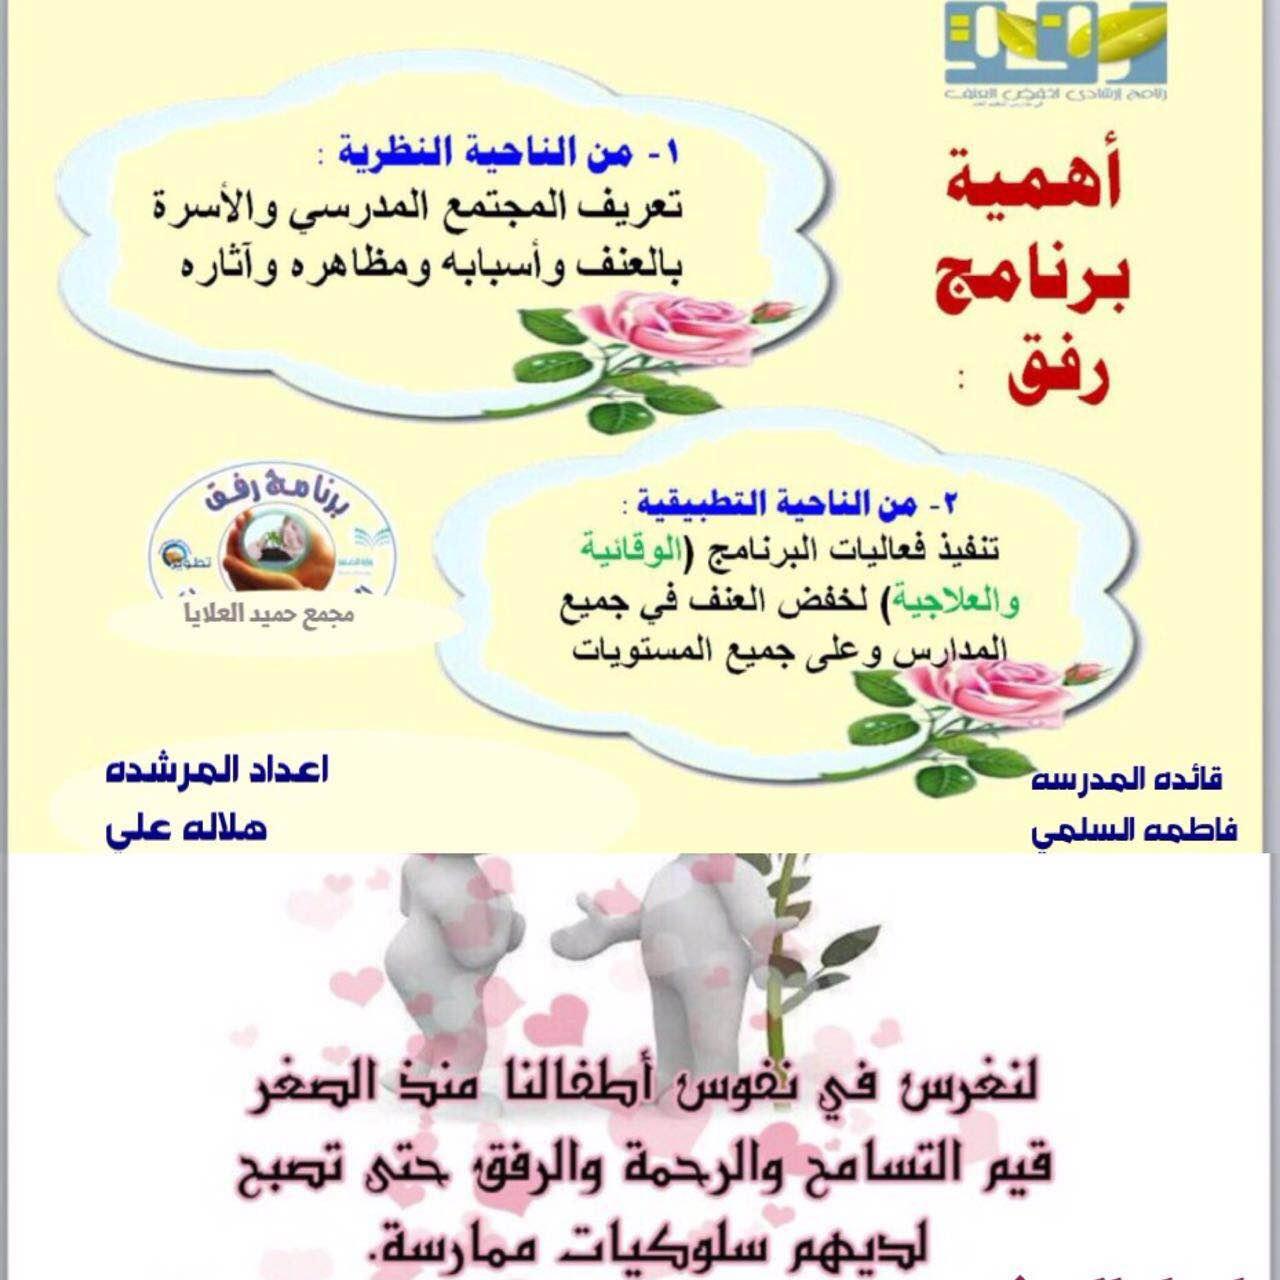 فعاليات برنامج رفق الارشادي بمجمع حميد العلايا